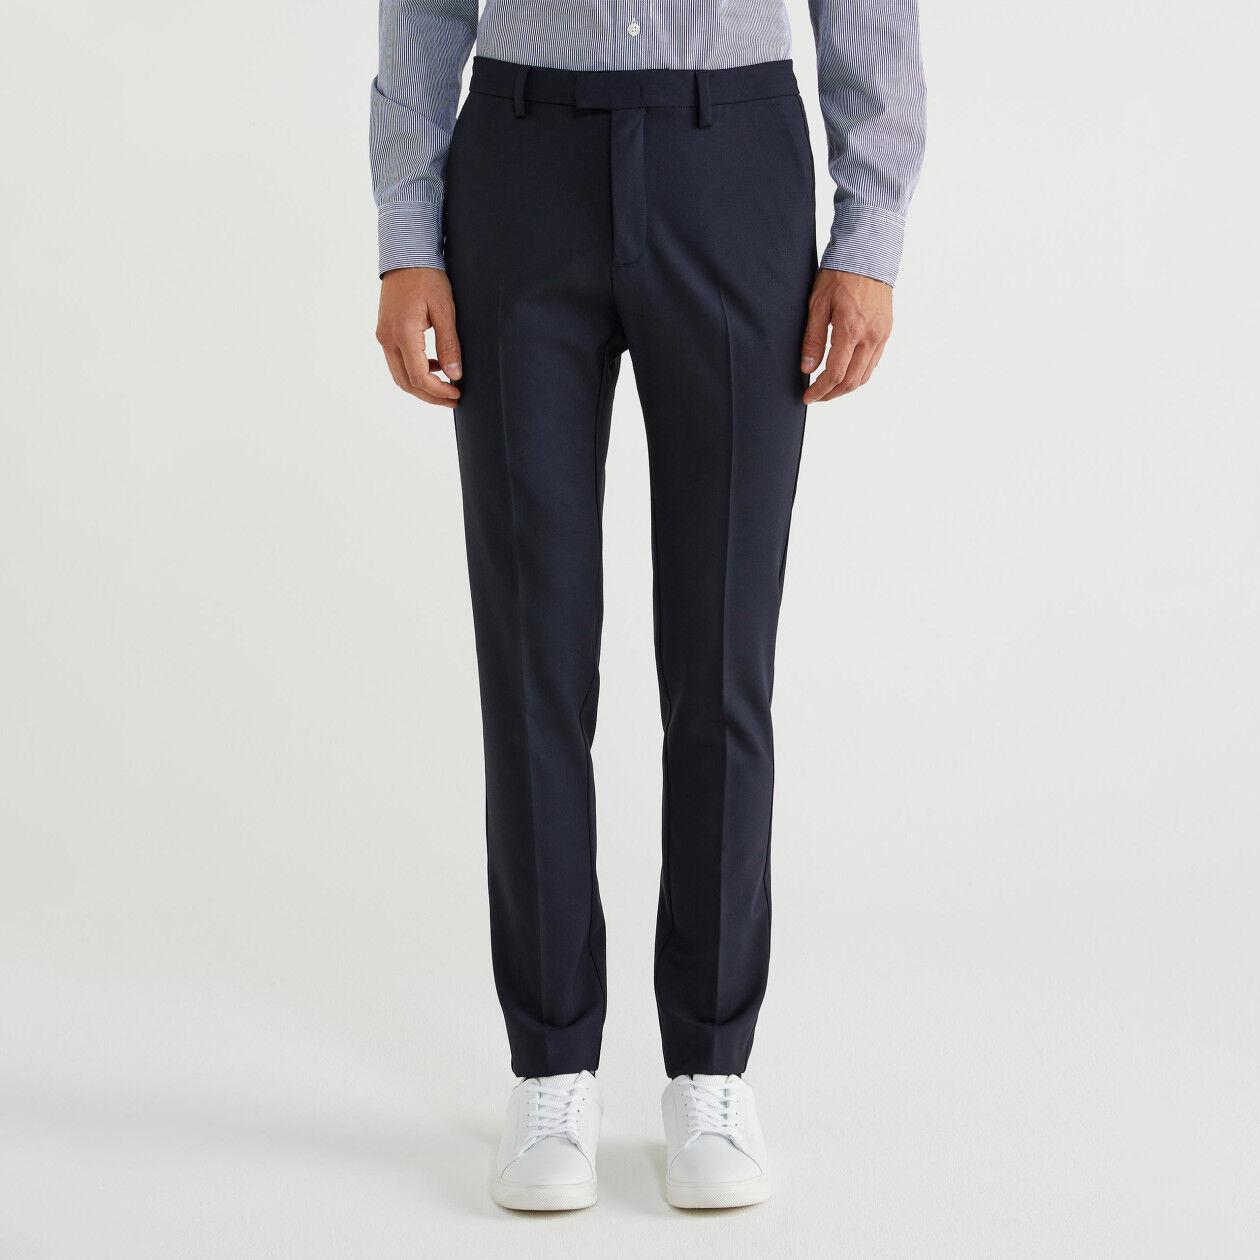 Παντελόνι slim fit από δροσερό μάλλινο